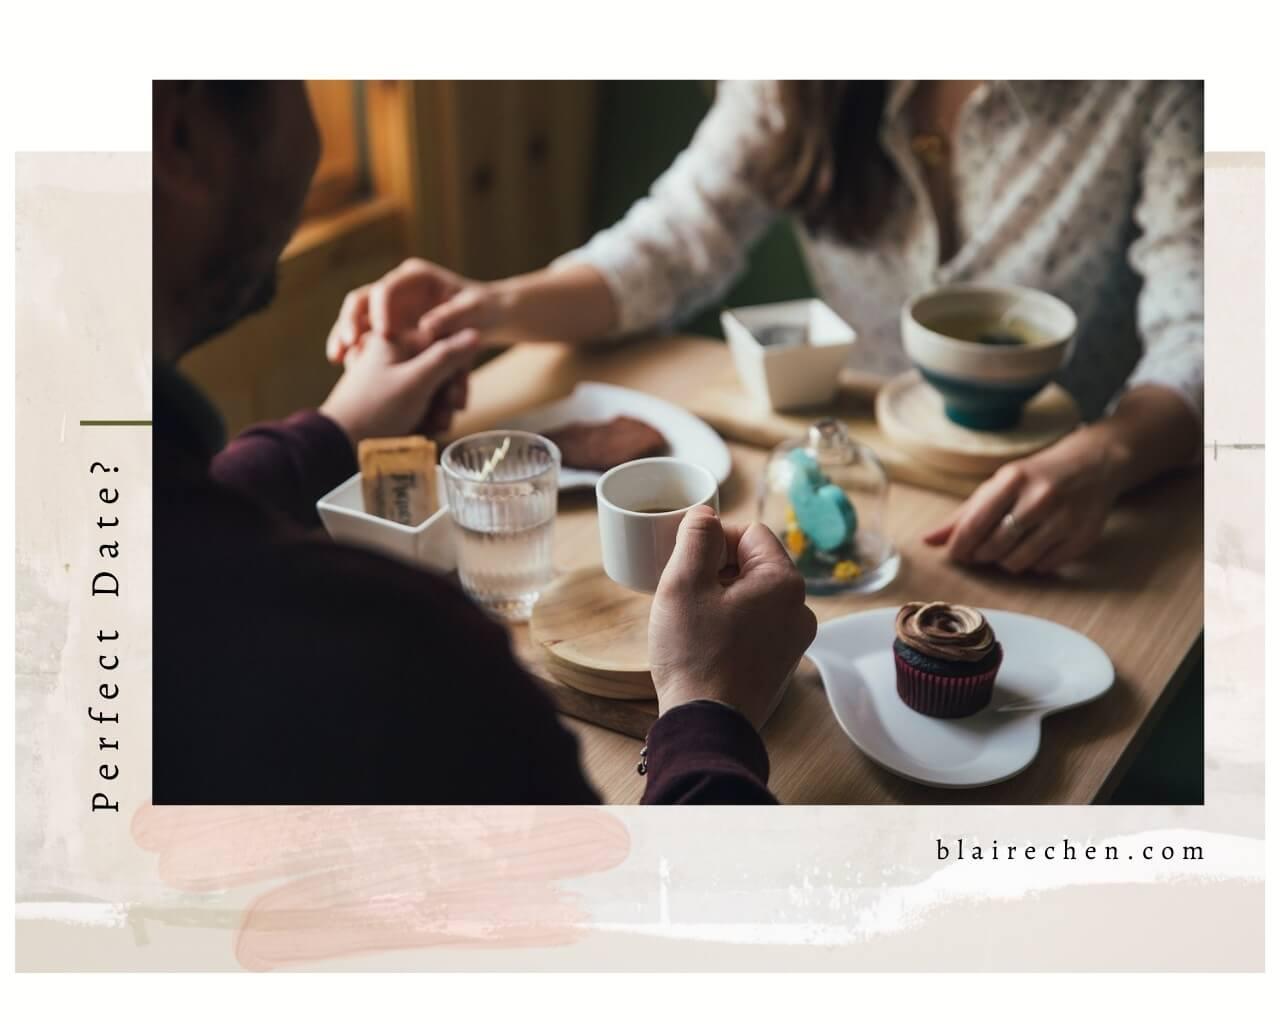 這是一場好的約會嗎?當彼此都專注、滿足於當下,對彼此而言就是最美好的了!